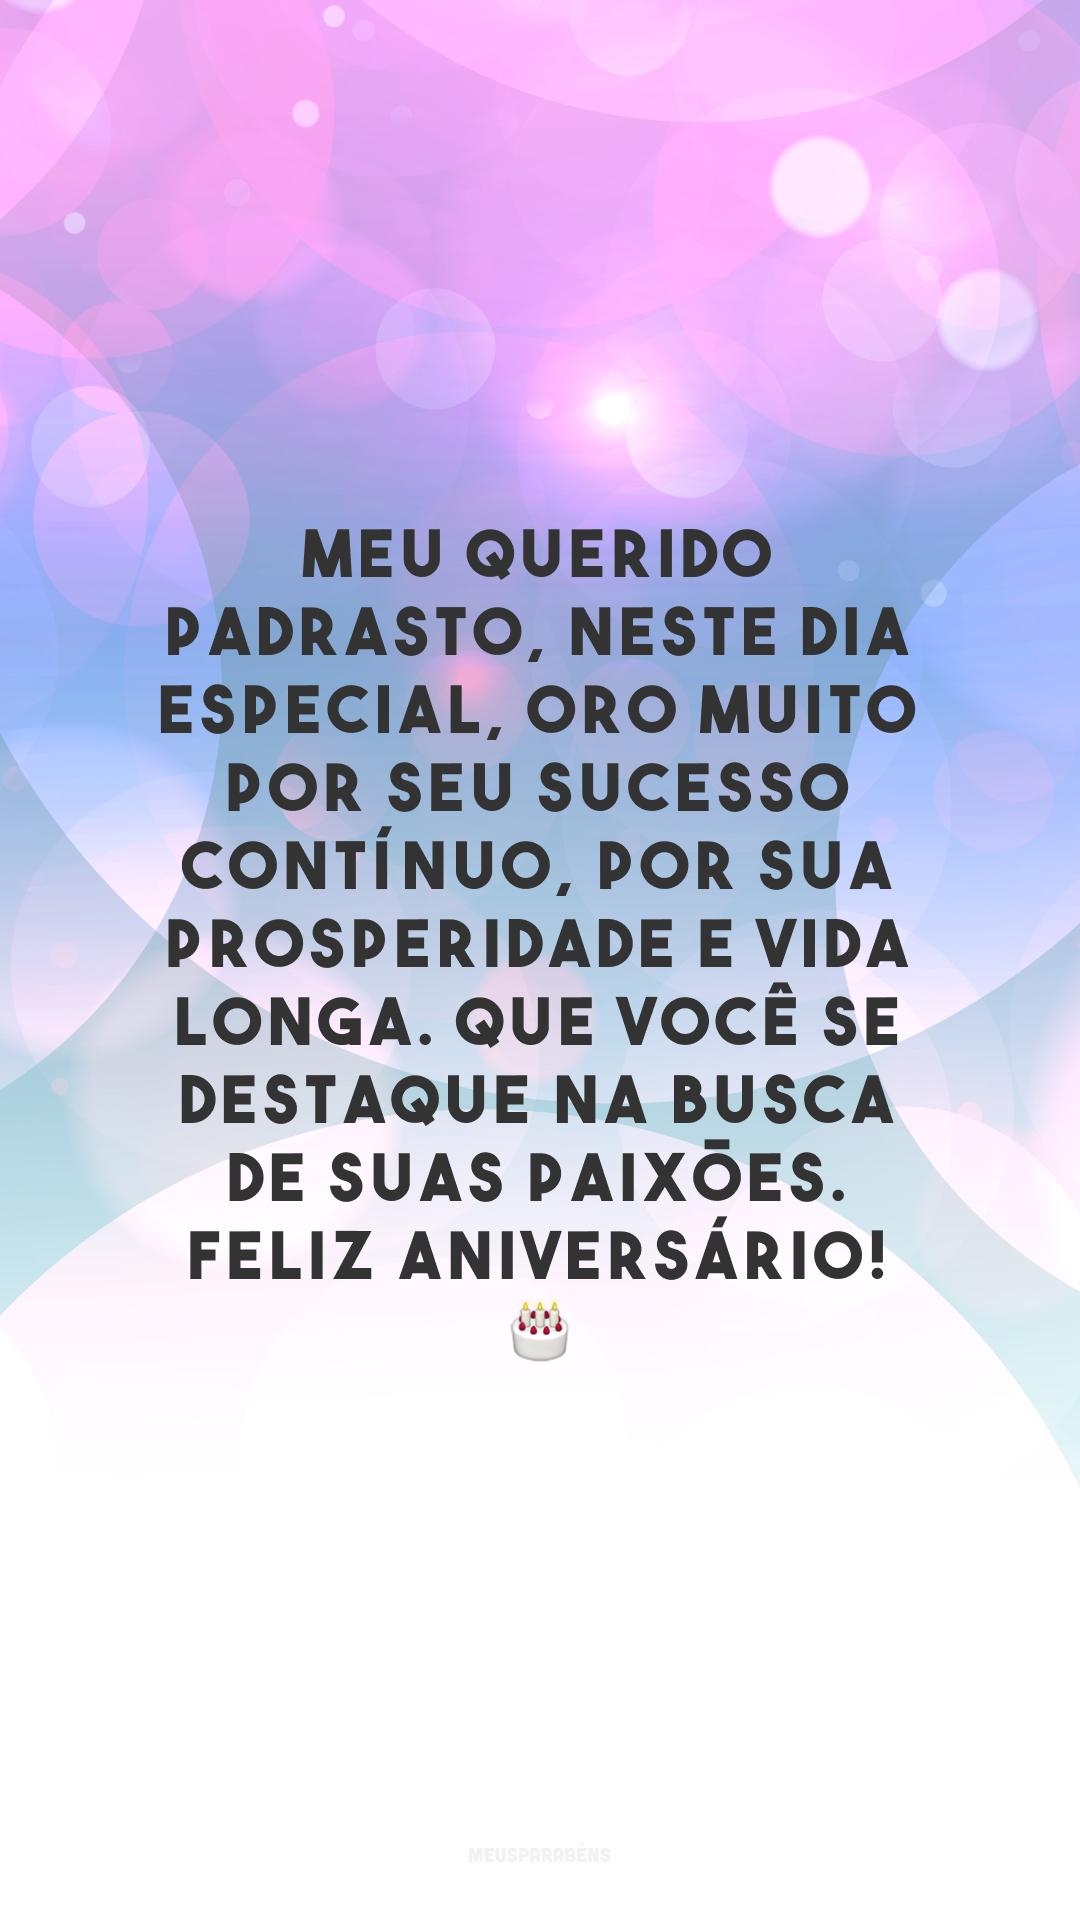 Meu querido padrasto, neste dia especial, oro muito por seu sucesso contínuo, por sua prosperidade e vida longa. Que você se destaque na busca de suas paixões. Feliz aniversário!  🎂